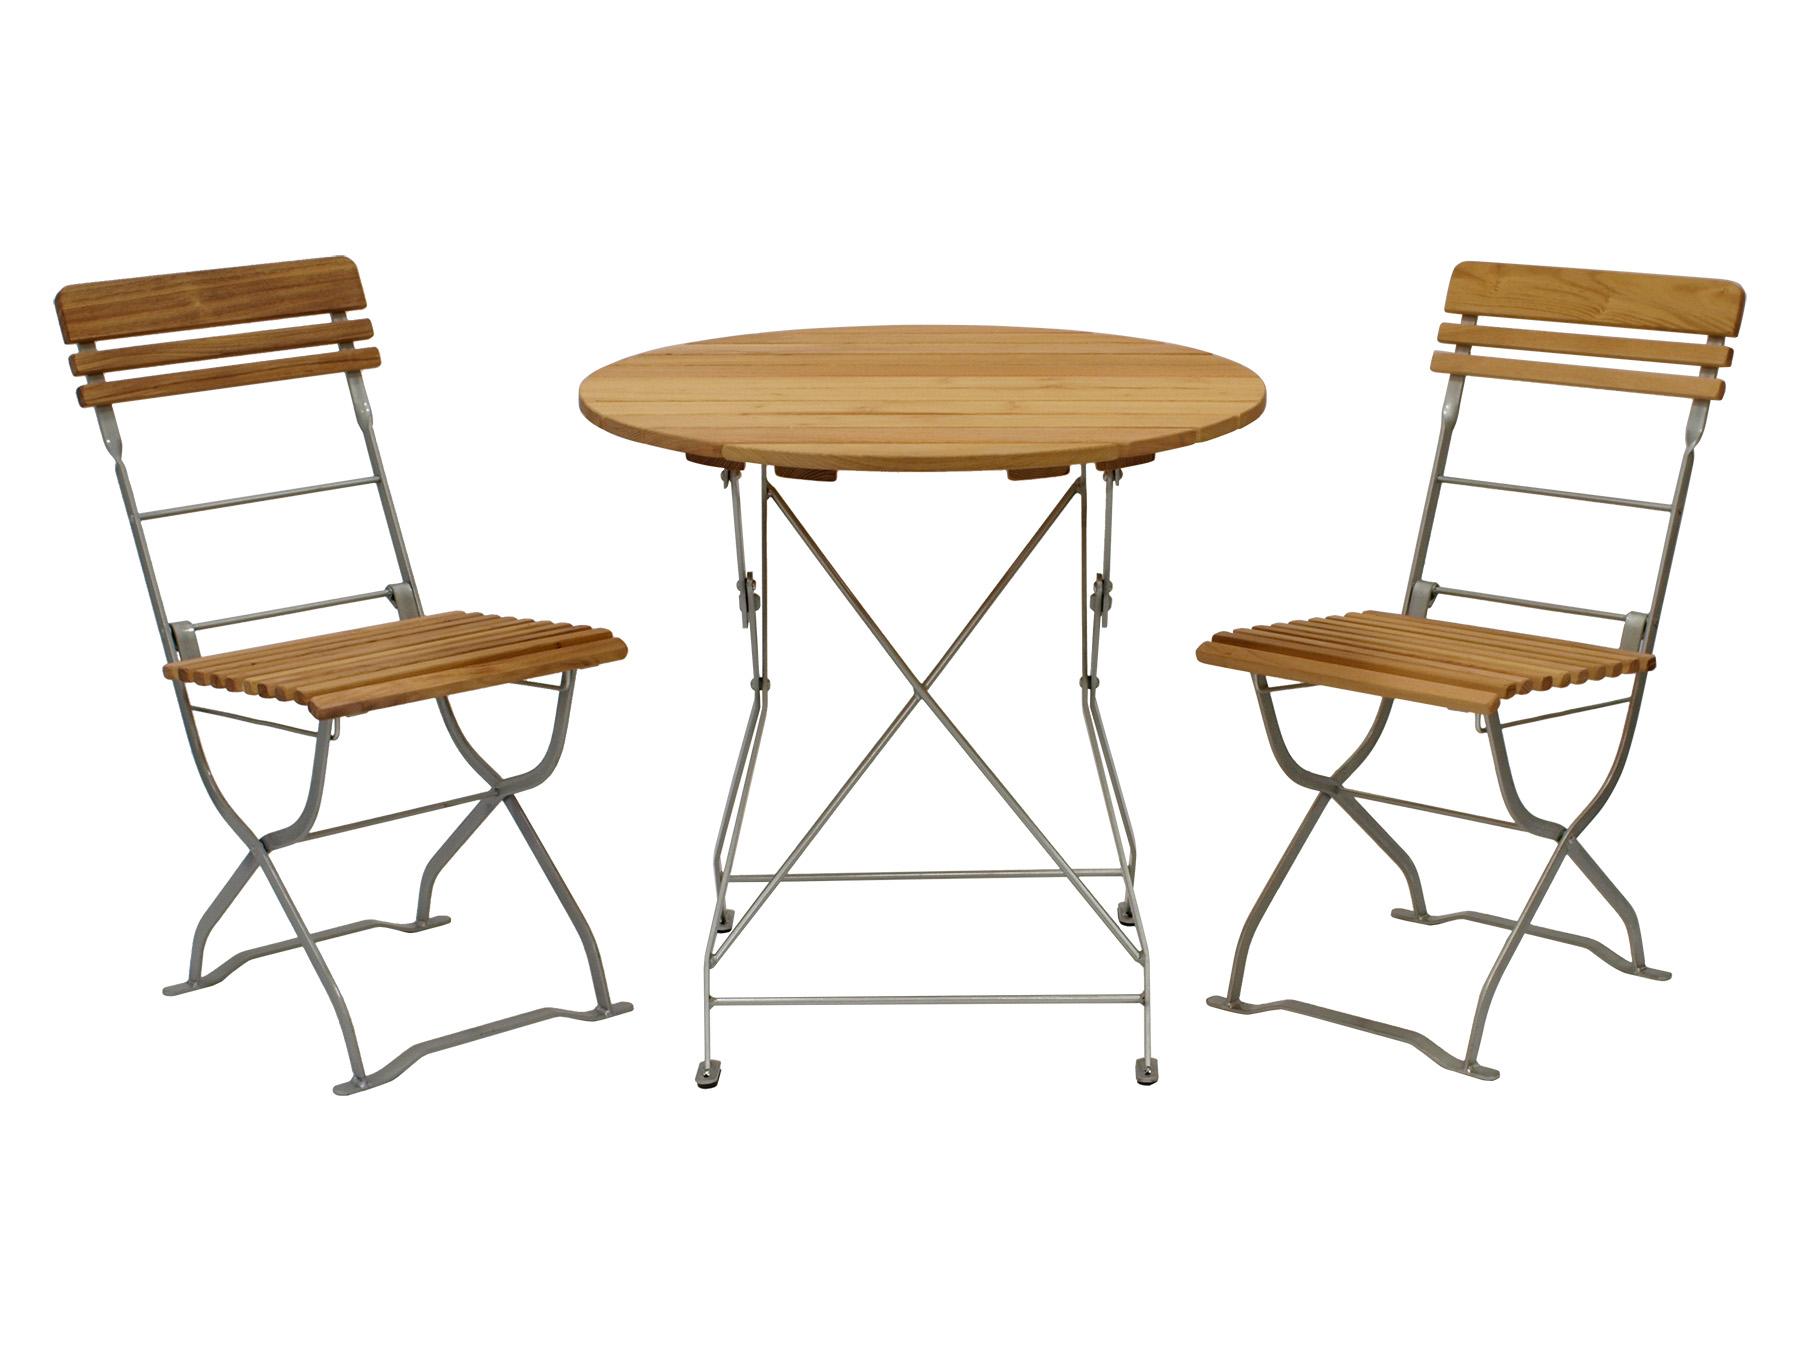 biergartenset m nchen 3 teilig flachstahl verzinkt pulverbeschichtet robinie ebay. Black Bedroom Furniture Sets. Home Design Ideas